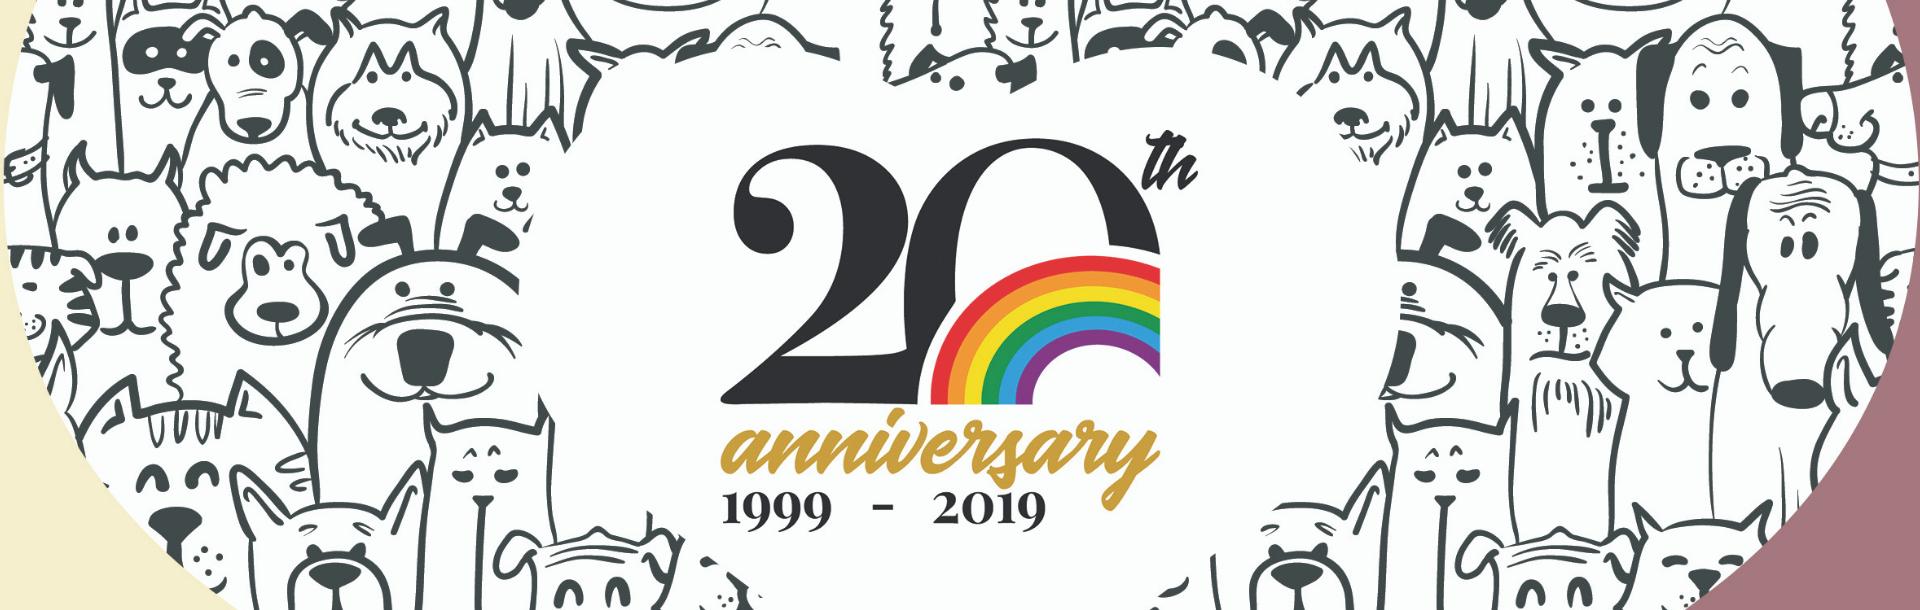 20 anni di solidarietà Schesir!, Schesir